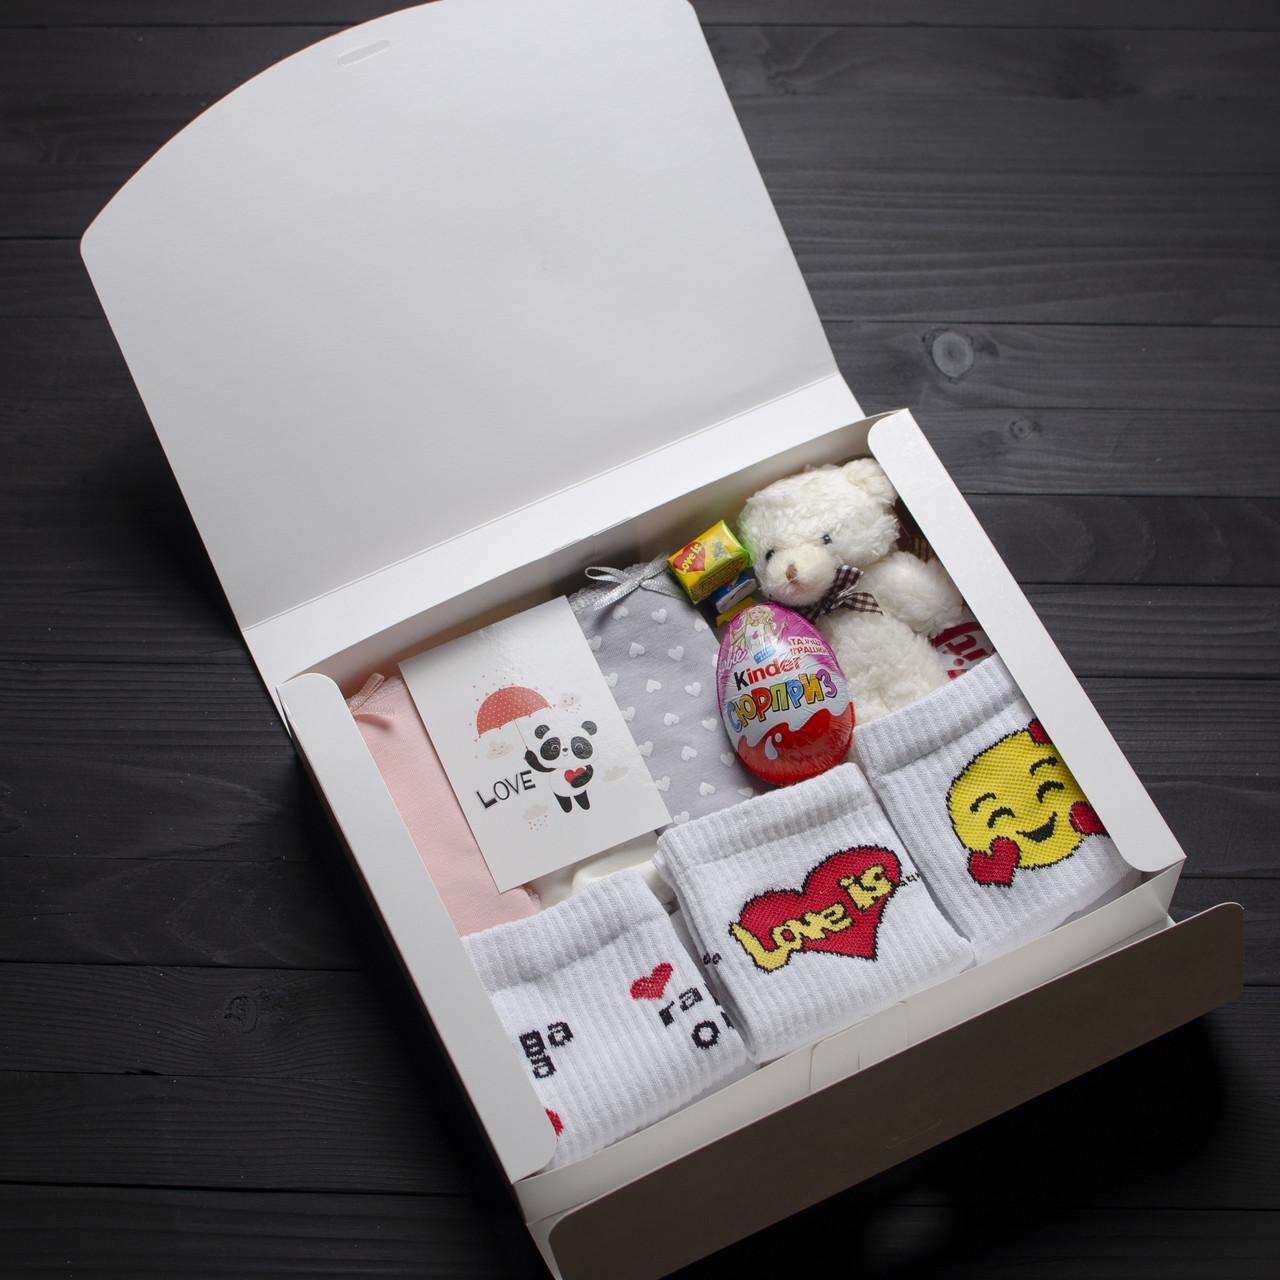 Подарочный набор женский. Трусики MEOW 3шт, Мишка шампань, носки Смайлы, Love is, Гарні очі, Kinder, KitKat